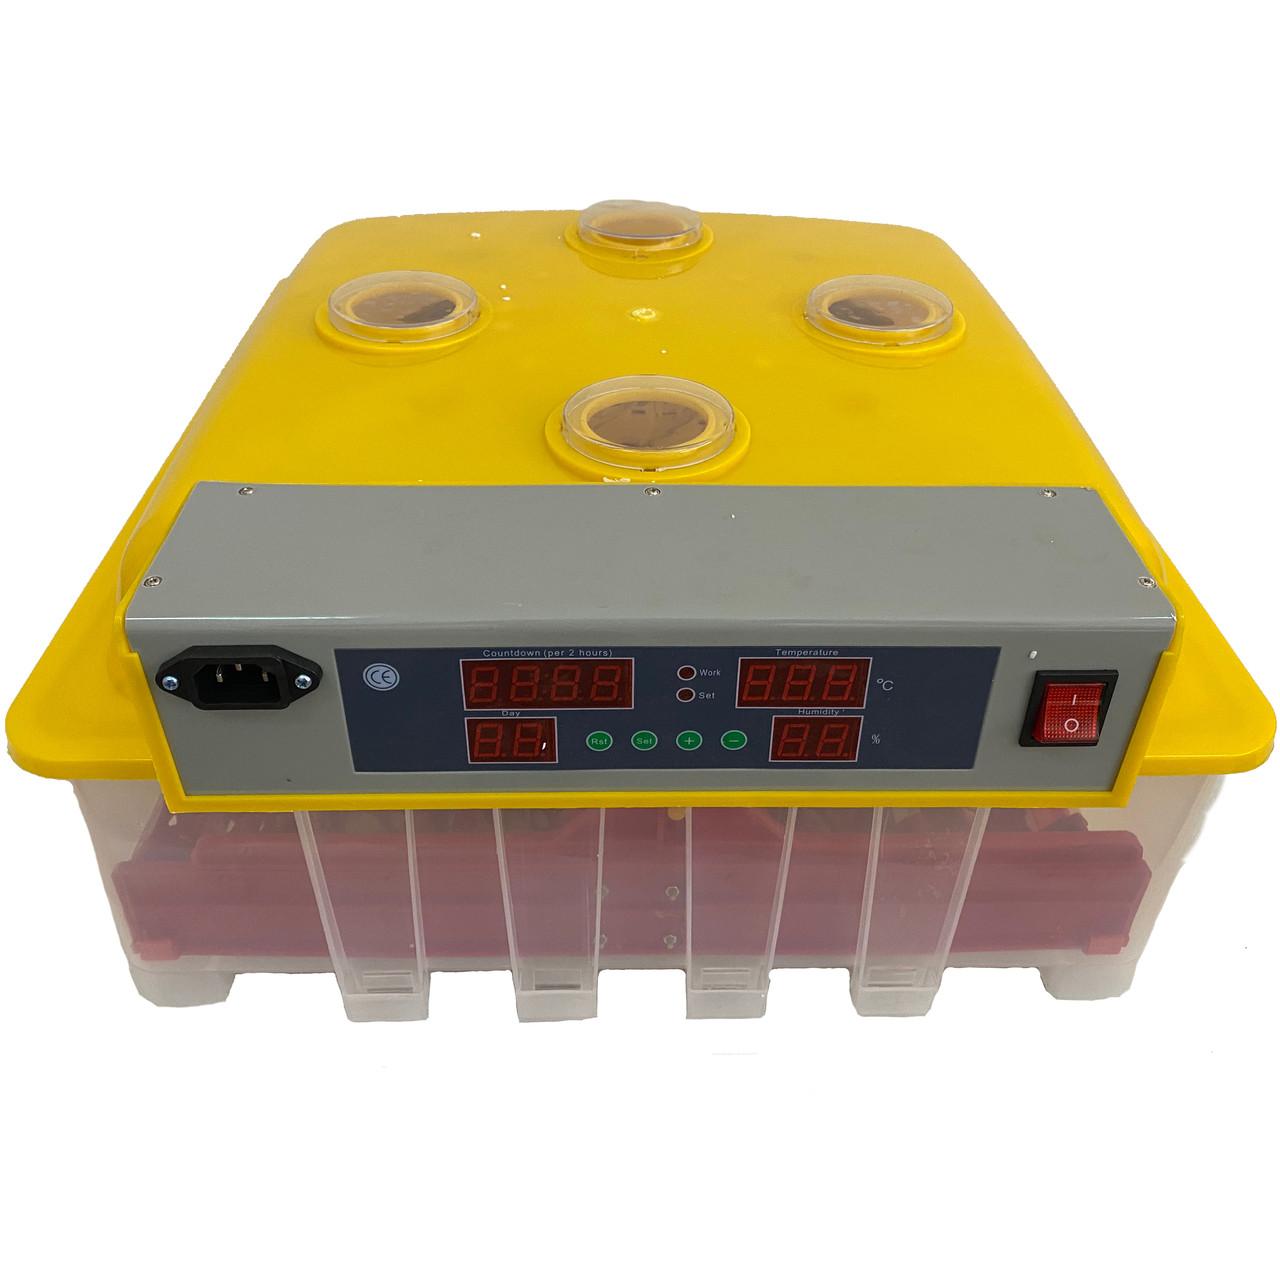 Инкубатор с автоматическим поворотом яиц MS-36/144 (інкубатор з автоматичним поворотом яєць)